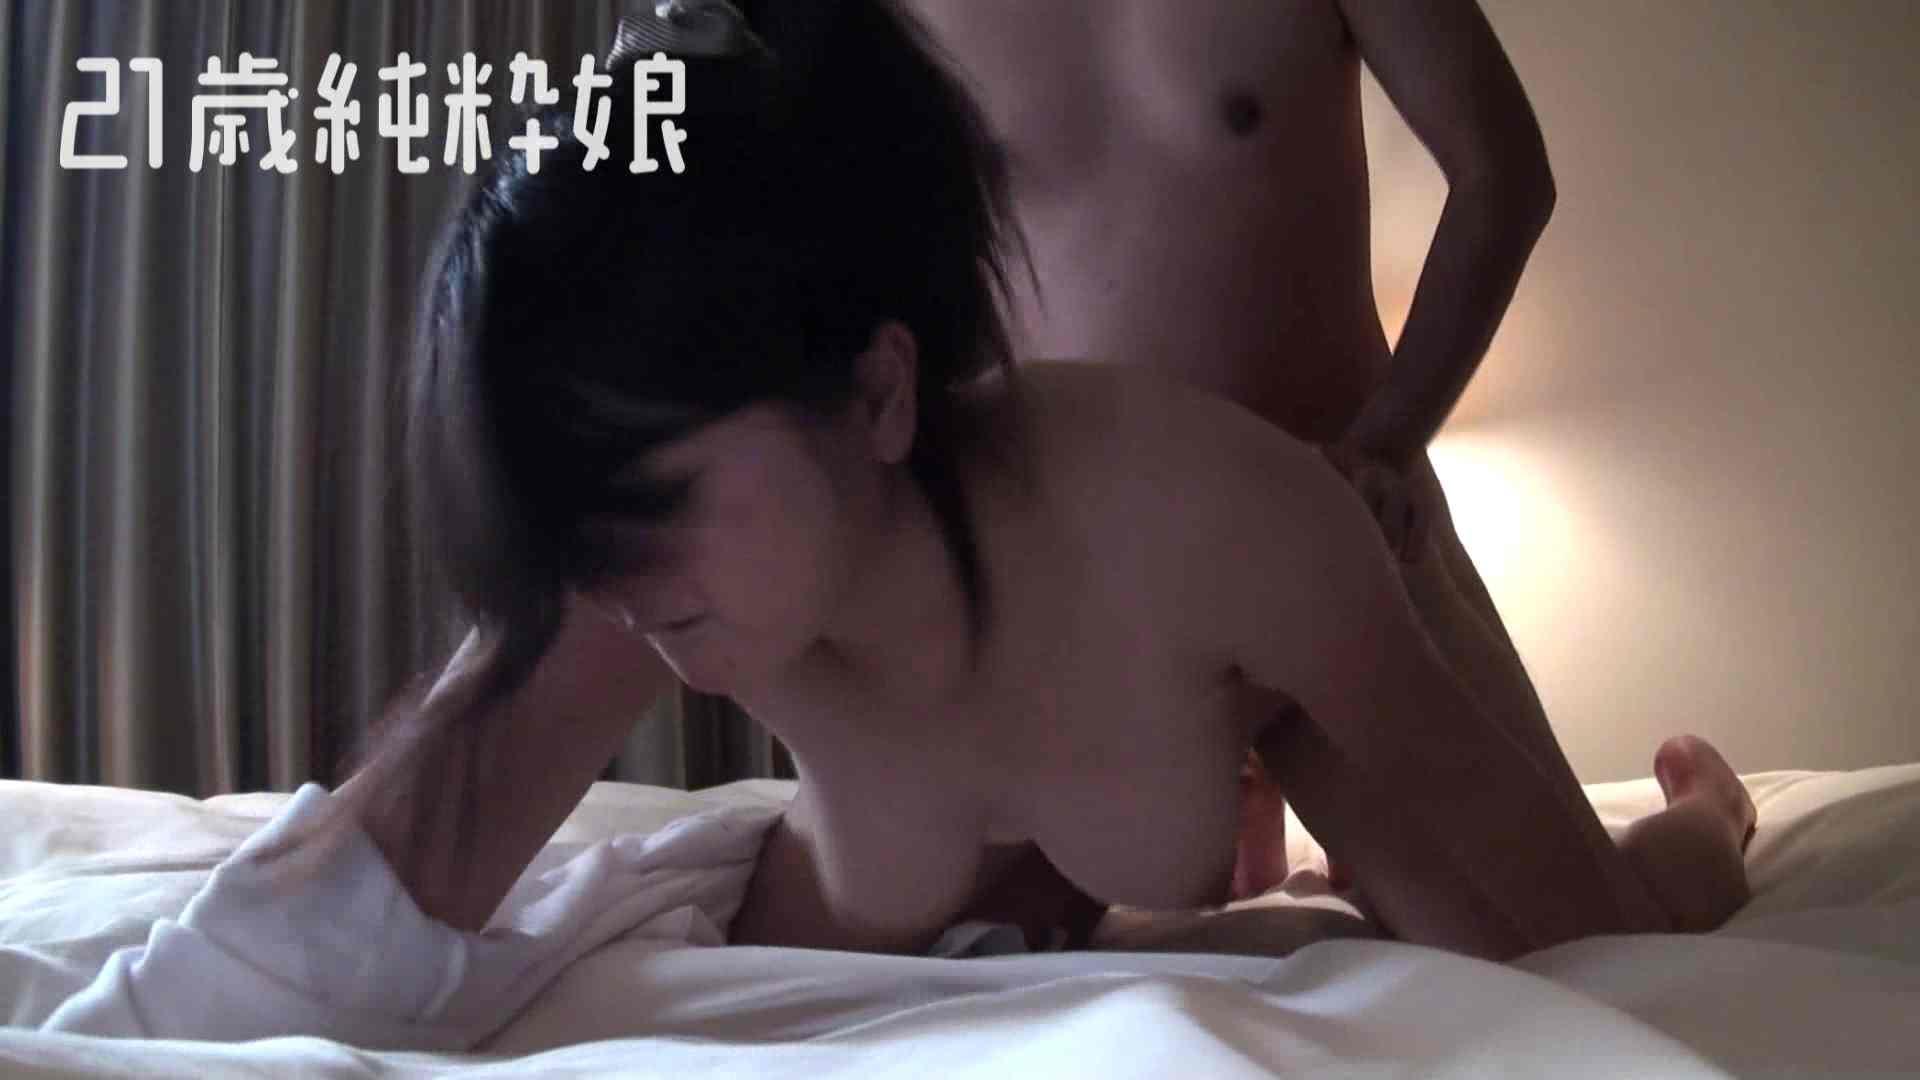 上京したばかりのGカップ21歳純粋嬢を都合の良い女にしてみた2 オナニー特集 | ギャル達のSEX  77画像 73